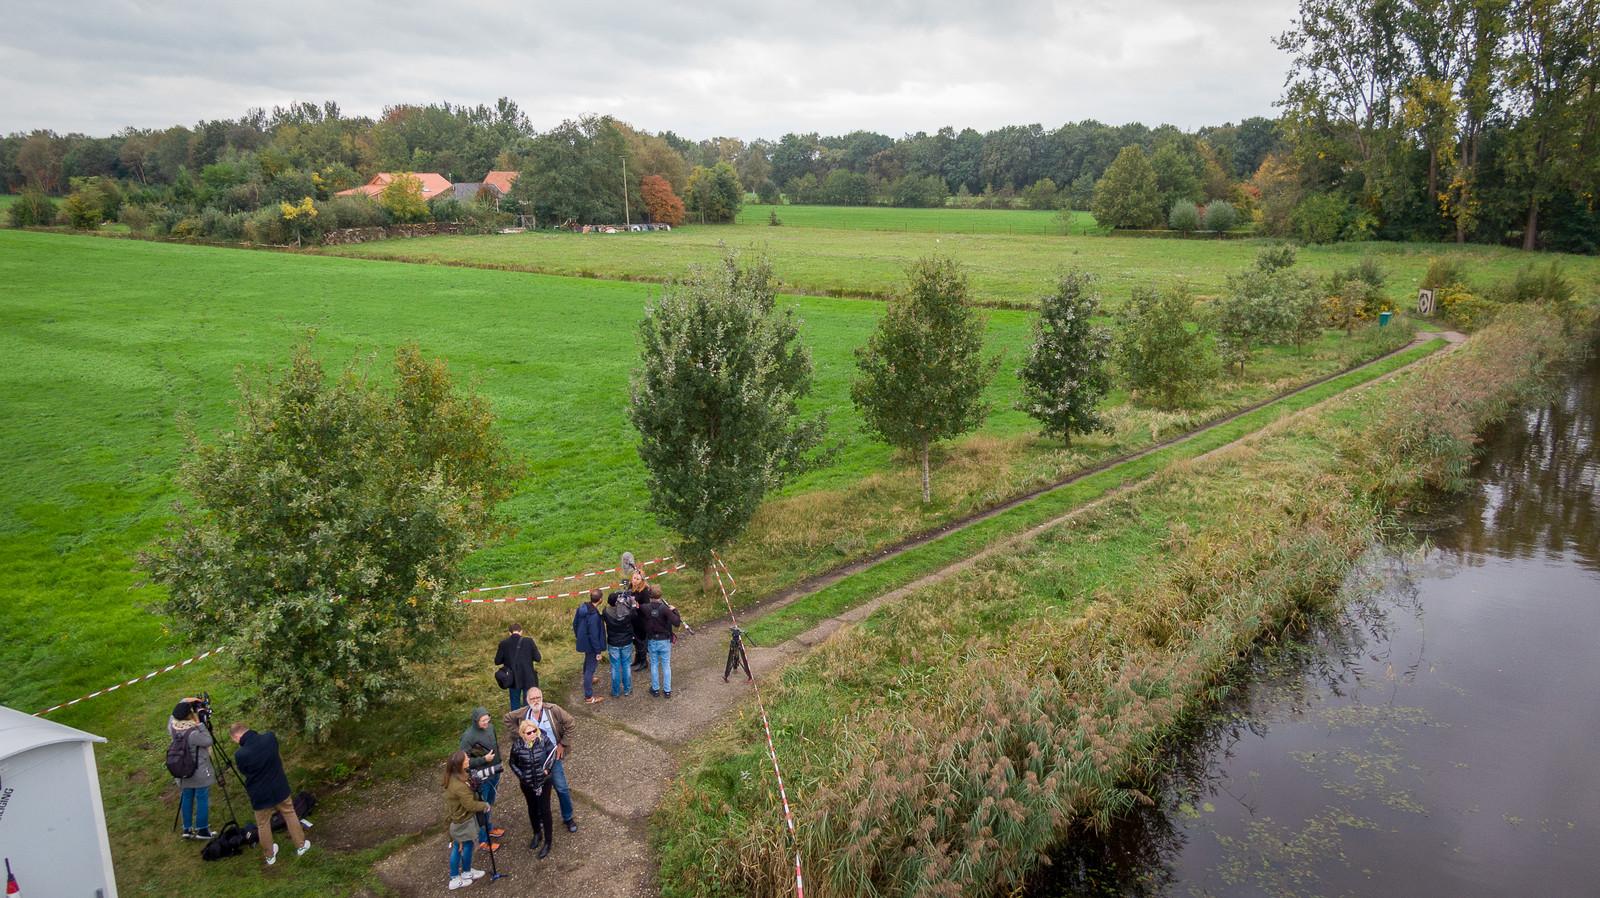 Er is veel aandacht voor de boerderij in Ruinerwold, waar een gezin negen jaar lang opgesloten zat.